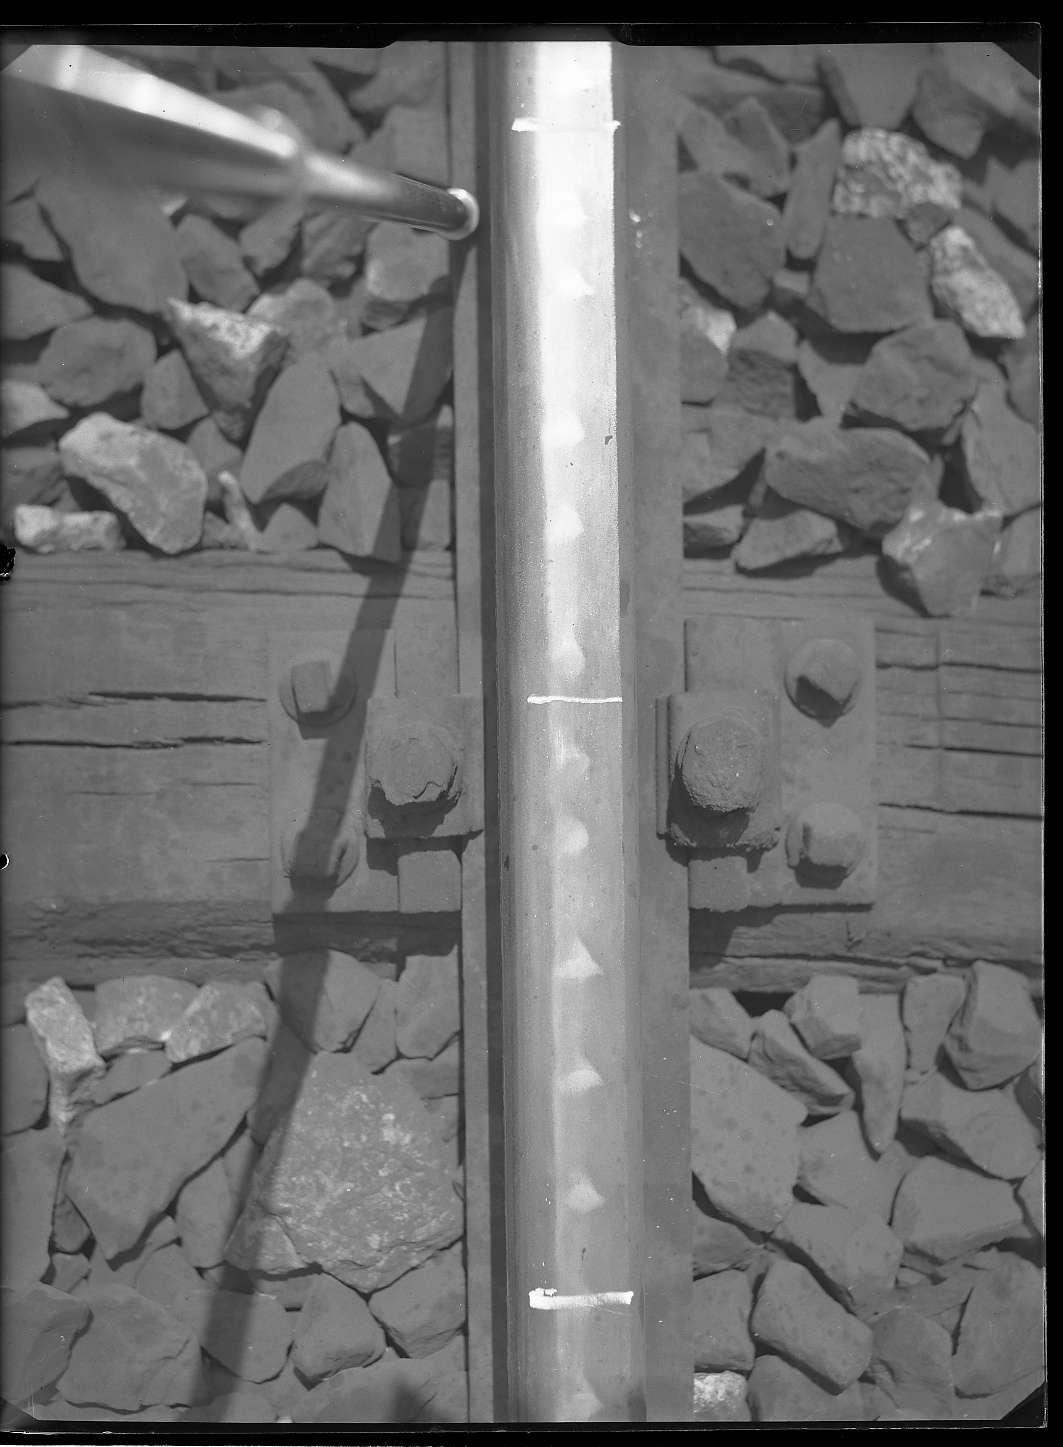 Stuttgart-Untertürkheim, Hauptgleis Stuttgart-Ulm, Riffelbildung an Schienen, Bild 1